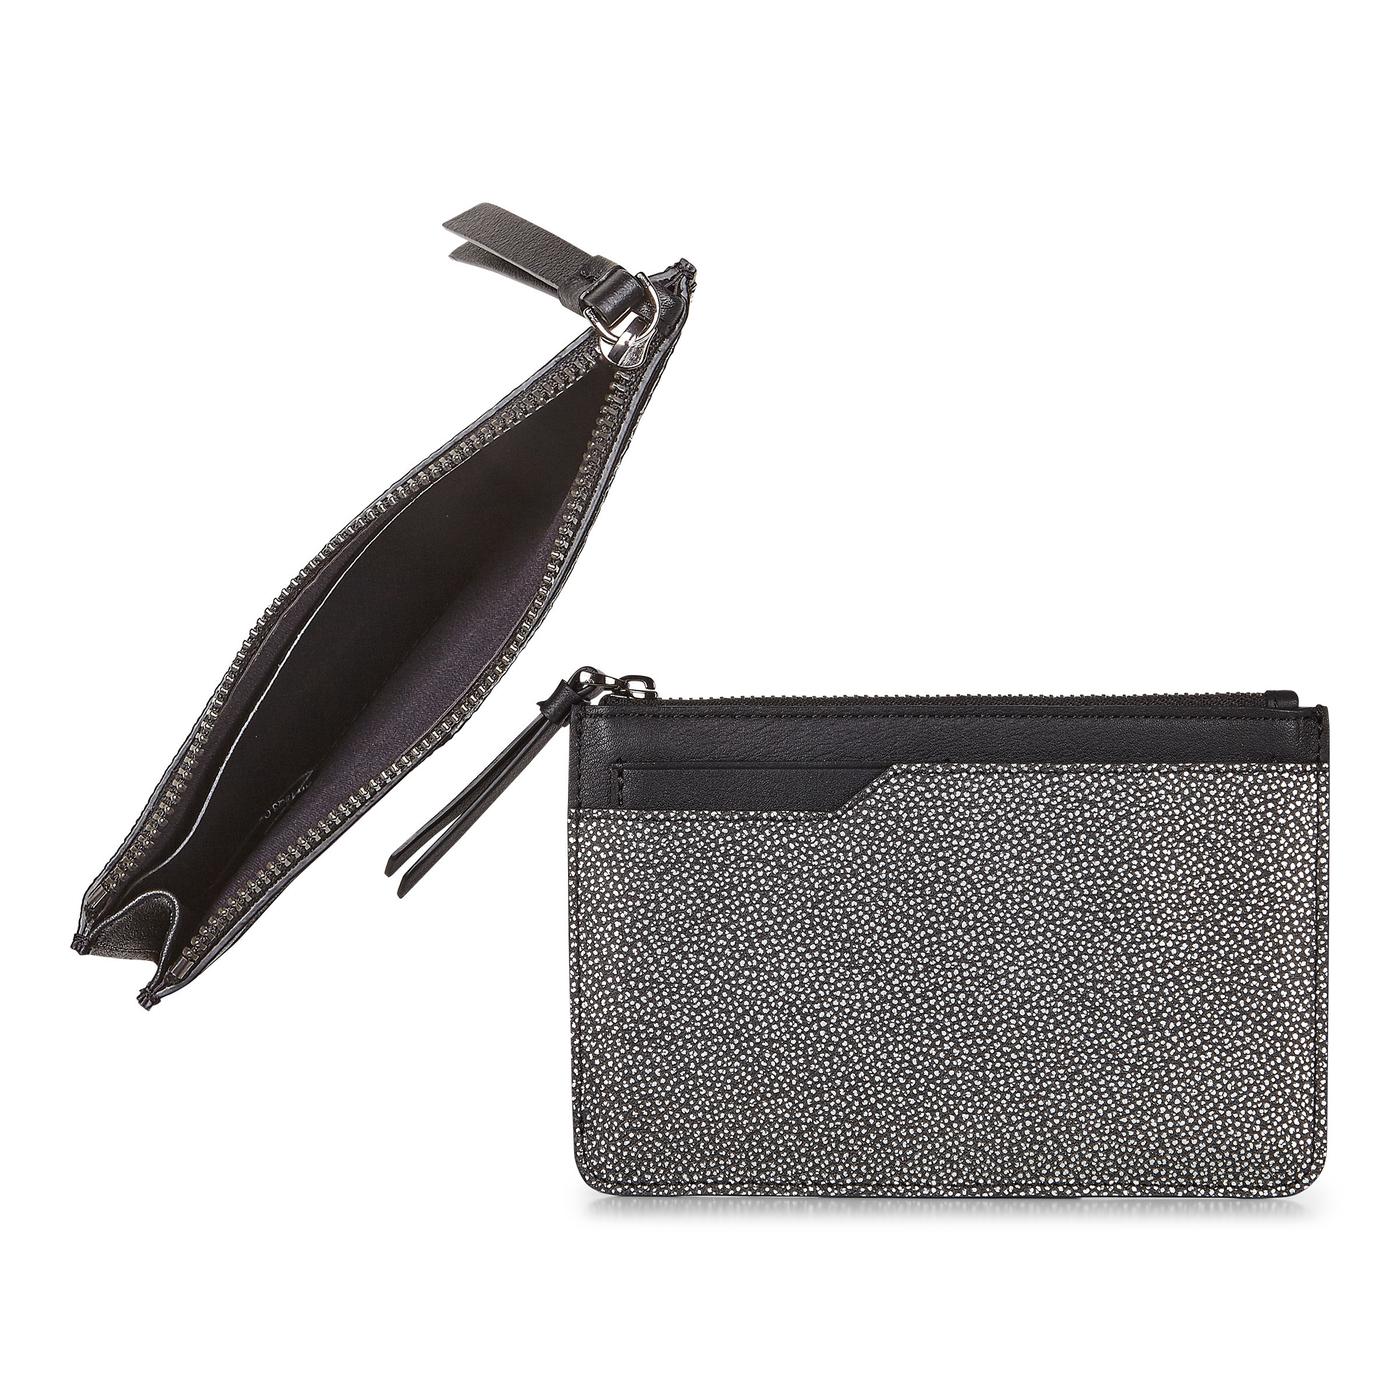 ECCO Iola Small Travel Wallet